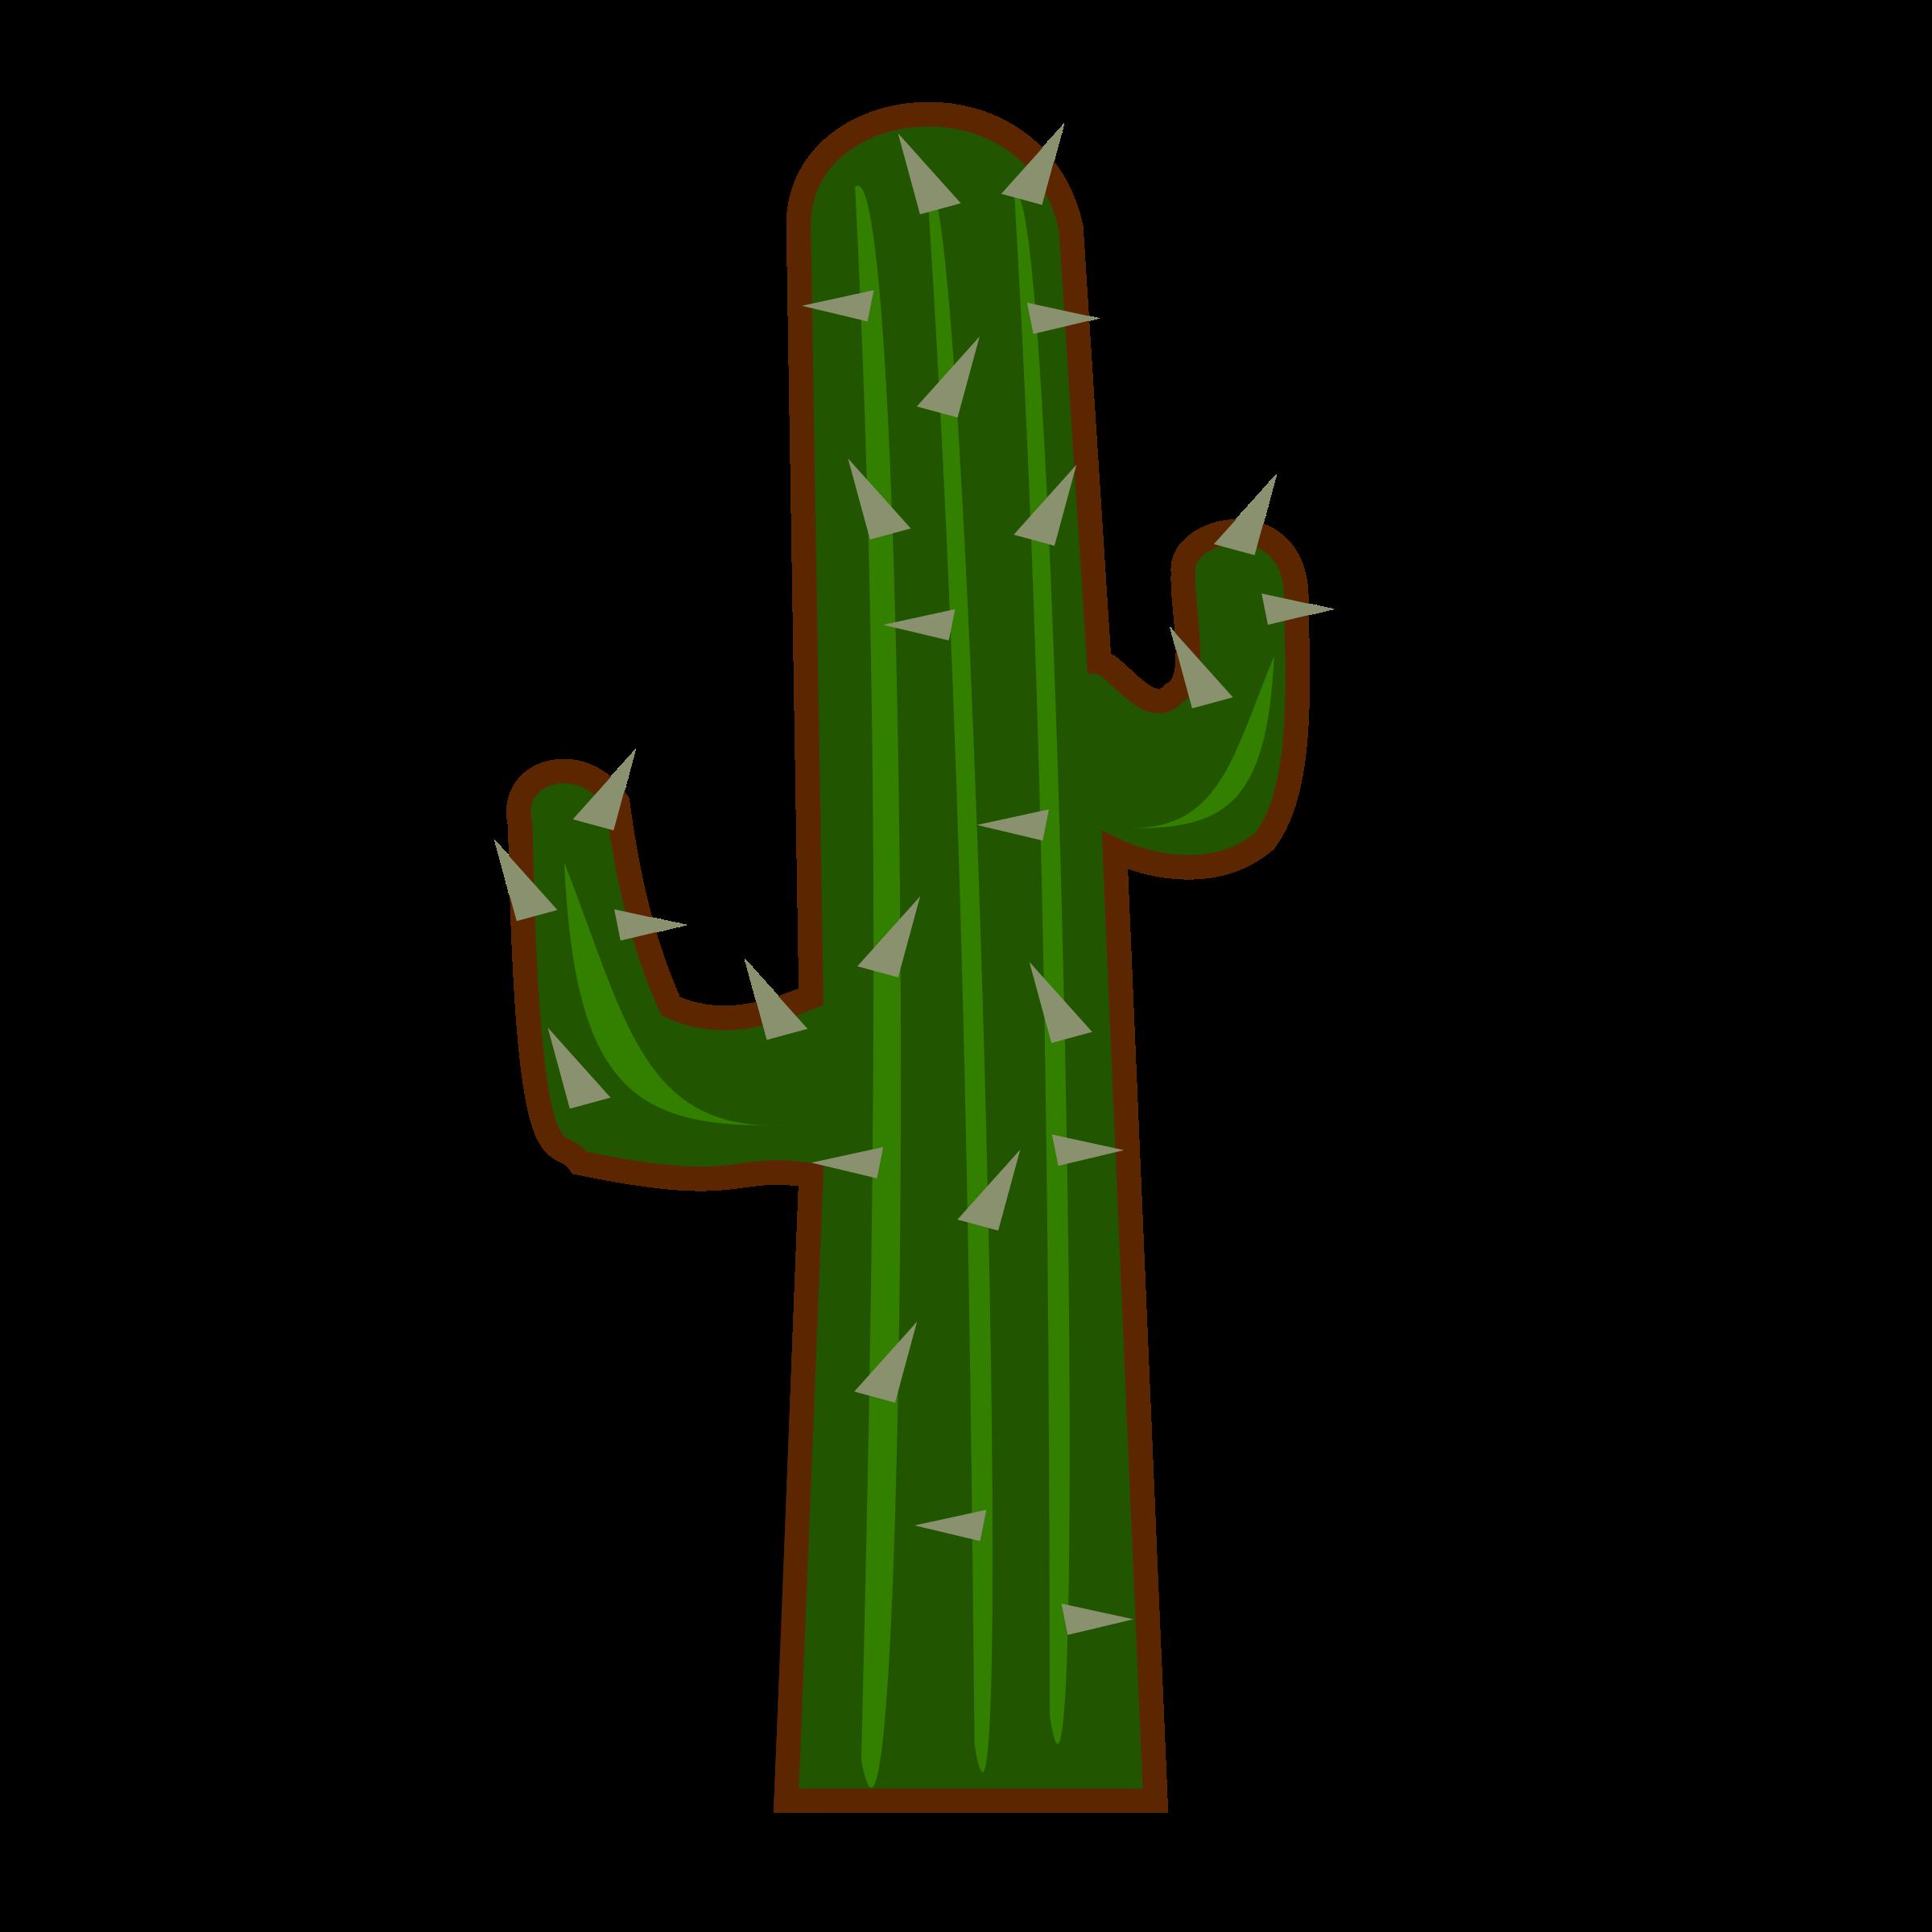 Cactus clip art image.